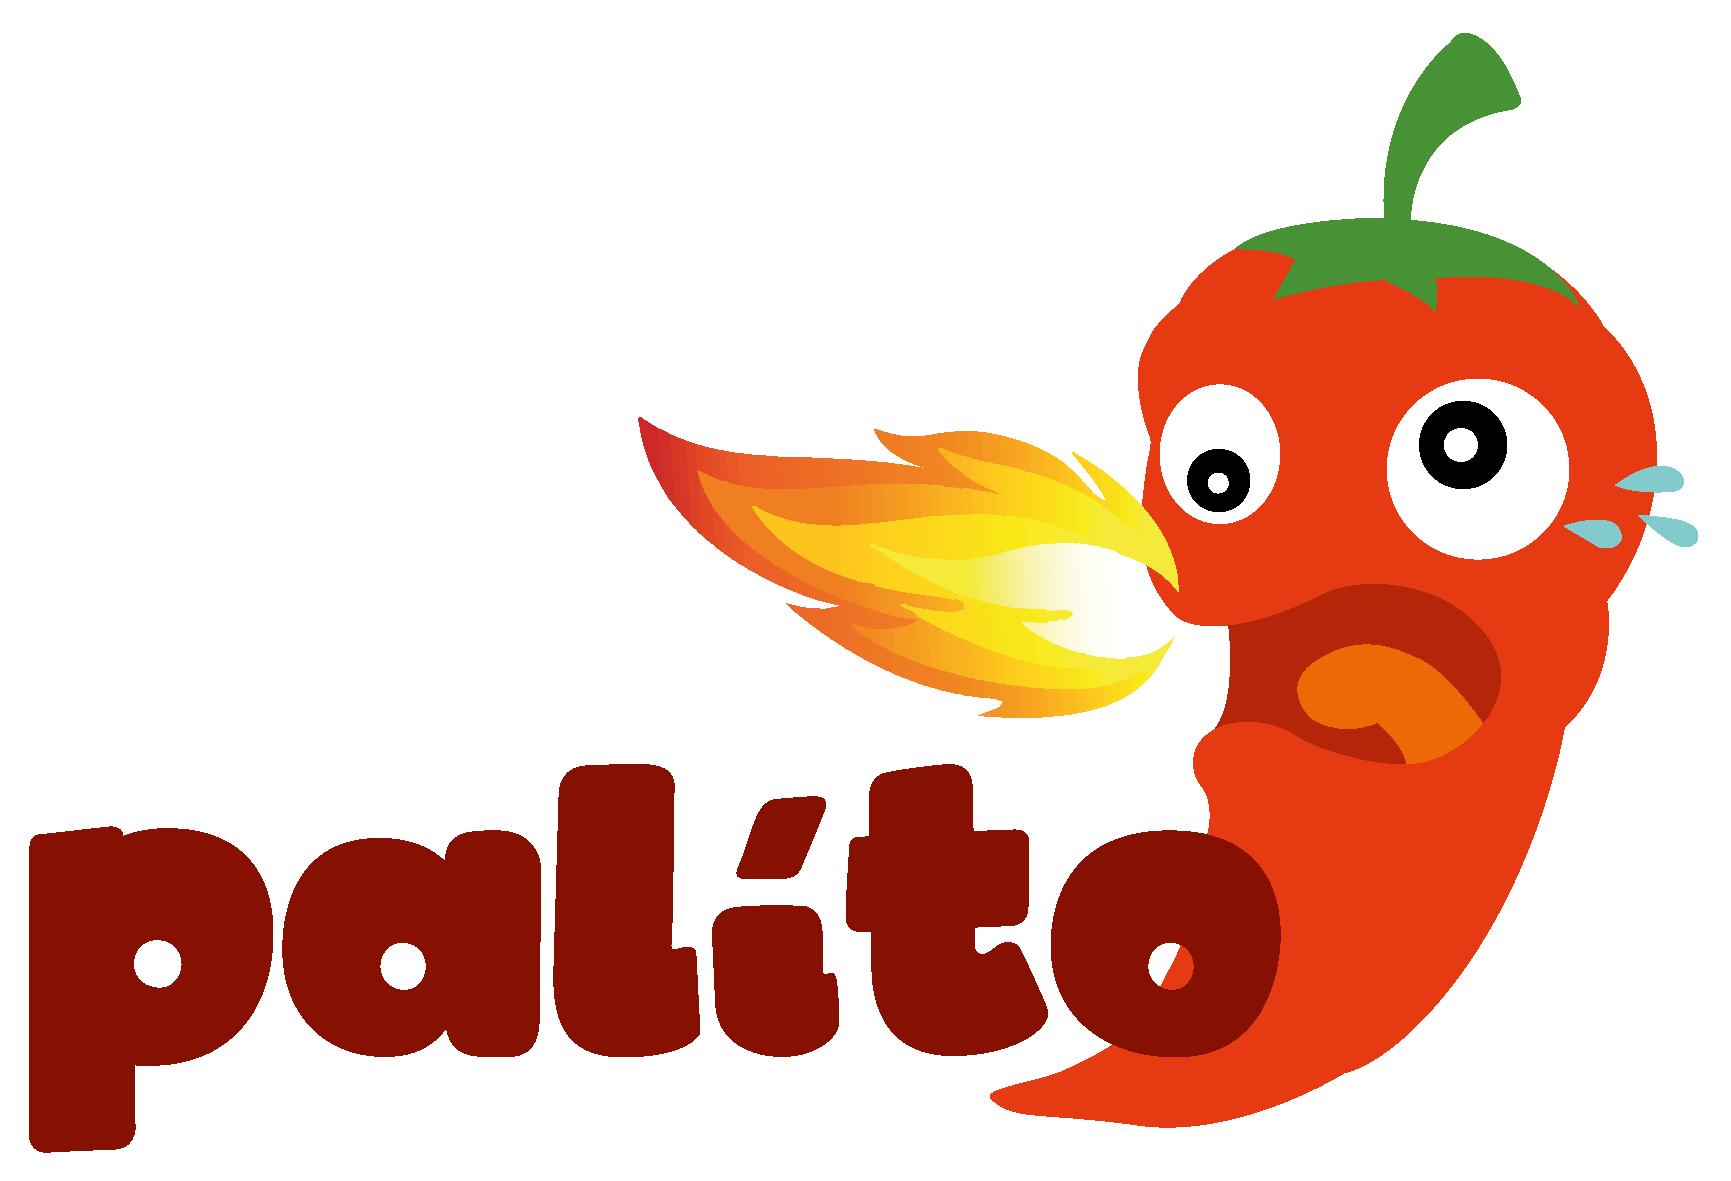 Chilli omáčky Palíto